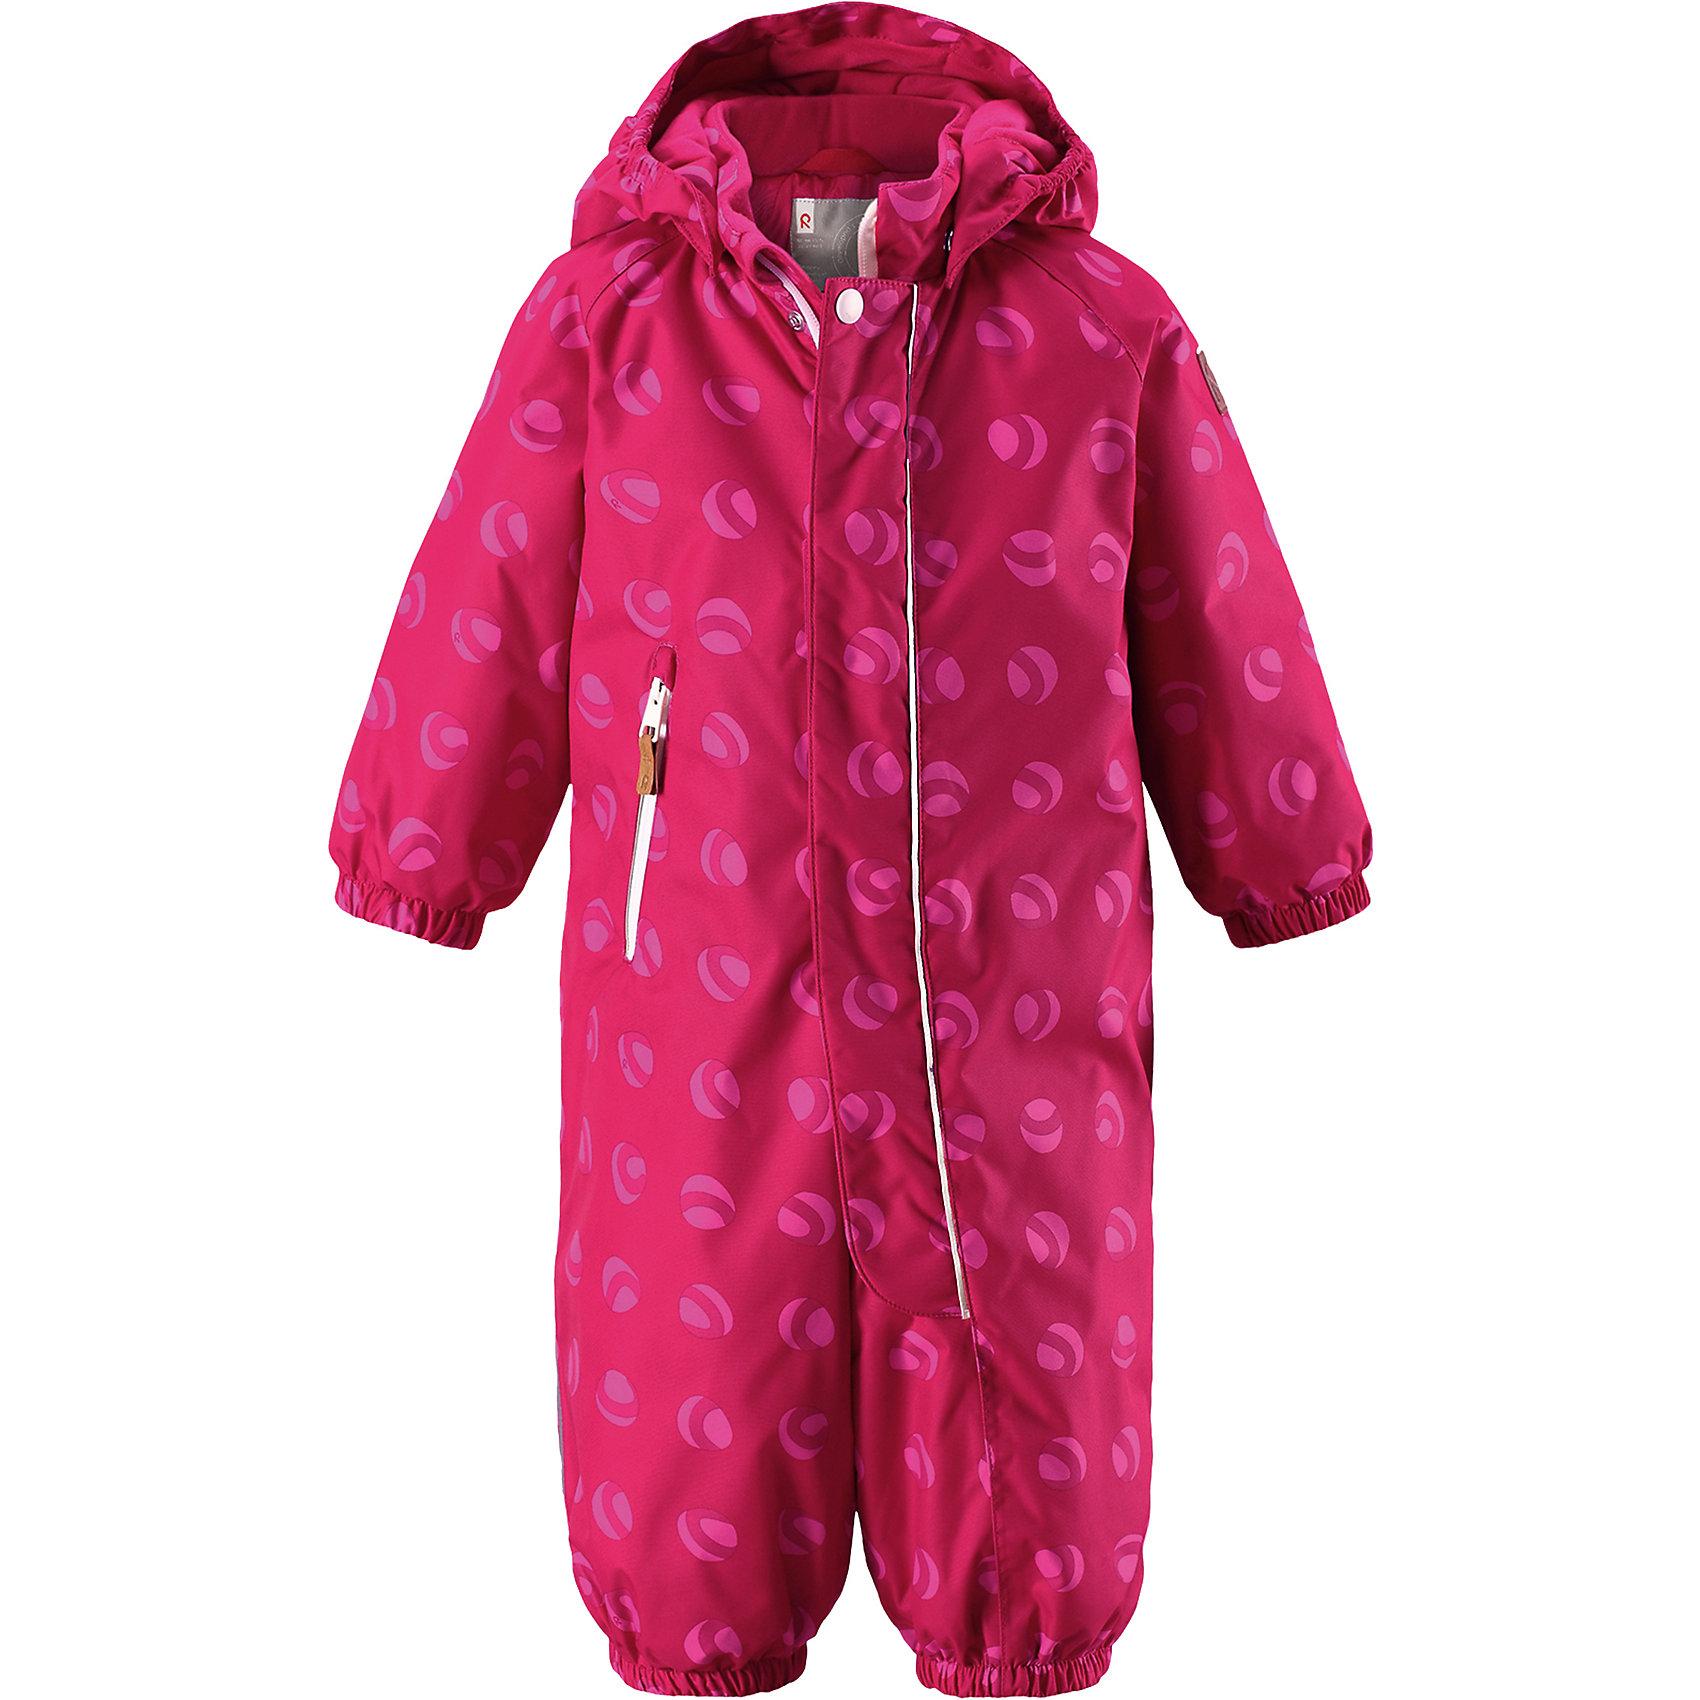 Комбинезон Reimatec® Reima PuhuriВерхняя одежда<br>Характеристики товара:<br><br>• цвет: розовый принт<br>• состав: 100% полиэстер<br>• утеплитель: 160 г/м2 (soft loft insulation)<br>• сезон: зима<br>• температурный режим: от 0 до -20С<br>• водонепроницаемость: 8000 мм<br>• воздухопроницаемость: 10000 мм<br>• износостойкость: 30000 циклов (тест Мартиндейла)<br>• особенности модели: с рисунком<br>• основные швы проклеены и не пропускают влагу<br>• водо- и ветронепроницаемый, дышащий и грязеотталкивающий материал<br>• утепленная задняя часть изделия<br>• гладкая подкладка из полиэстера<br>• безопасный, съемный капюшон<br>• защита подбородка от защемления<br>• эластичные манжеты и штанины<br>• внутренняя регулировка обхвата талии<br>• съемные эластичные штрипки <br>• длинная молния для легкого надевания<br>• карман на молнии<br>• светоотражающие детали<br>• страна бренда: Финляндия<br>• страна изготовитель: Китай<br><br>Зимний комбинезон на молнии для малышей! Основные швы комбинезона проклеены, а сам он изготовлен из водо и ветронепроницаемого, грязеотталкивающего материала. Утепленная задняя часть обеспечит дополнительное утепление во время игр в снегу.<br><br>Гладкая подкладка и длинная молния облегчают надевание, а талия в комбинезоне регулируется. Маленький карман на молнии надежно сохранит все сокровища. Зимний комбинезон с капюшоном для мальчика декорирован рисунком с мячиками.<br><br>Комбинезон Puhuri Reimatec® Reima от финского бренда Reima (Рейма) можно купить в нашем интернет-магазине<br><br>Ширина мм: 356<br>Глубина мм: 10<br>Высота мм: 245<br>Вес г: 519<br>Цвет: розовый<br>Возраст от месяцев: 24<br>Возраст до месяцев: 36<br>Пол: Унисекс<br>Возраст: Детский<br>Размер: 98,74,80,86,92<br>SKU: 6968507